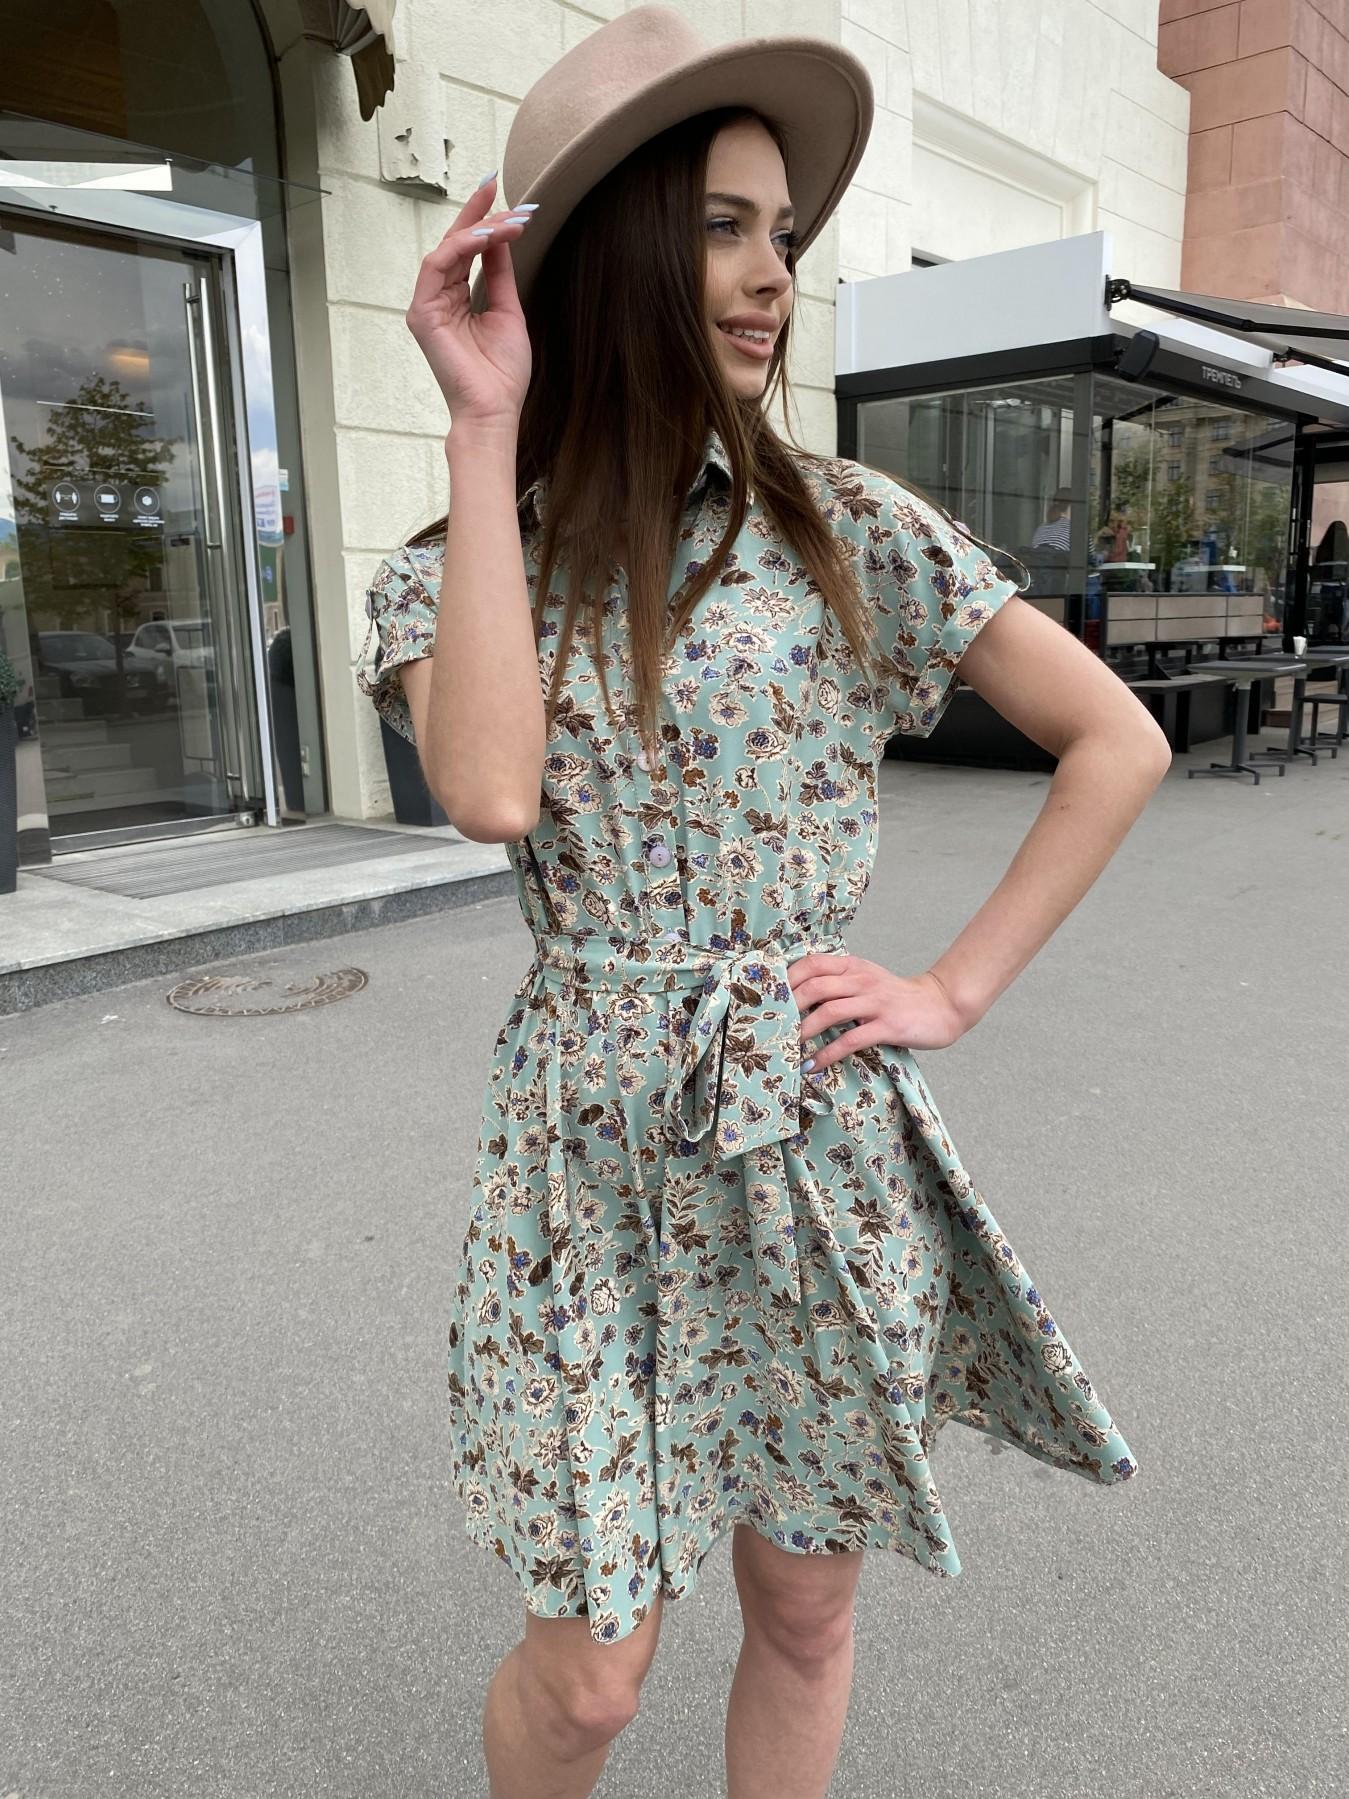 Санжар платье из ткани софт в принт 11215 АРТ. 47727 Цвет: Олива/бежевый, Цветы - фото 10, интернет магазин tm-modus.ru